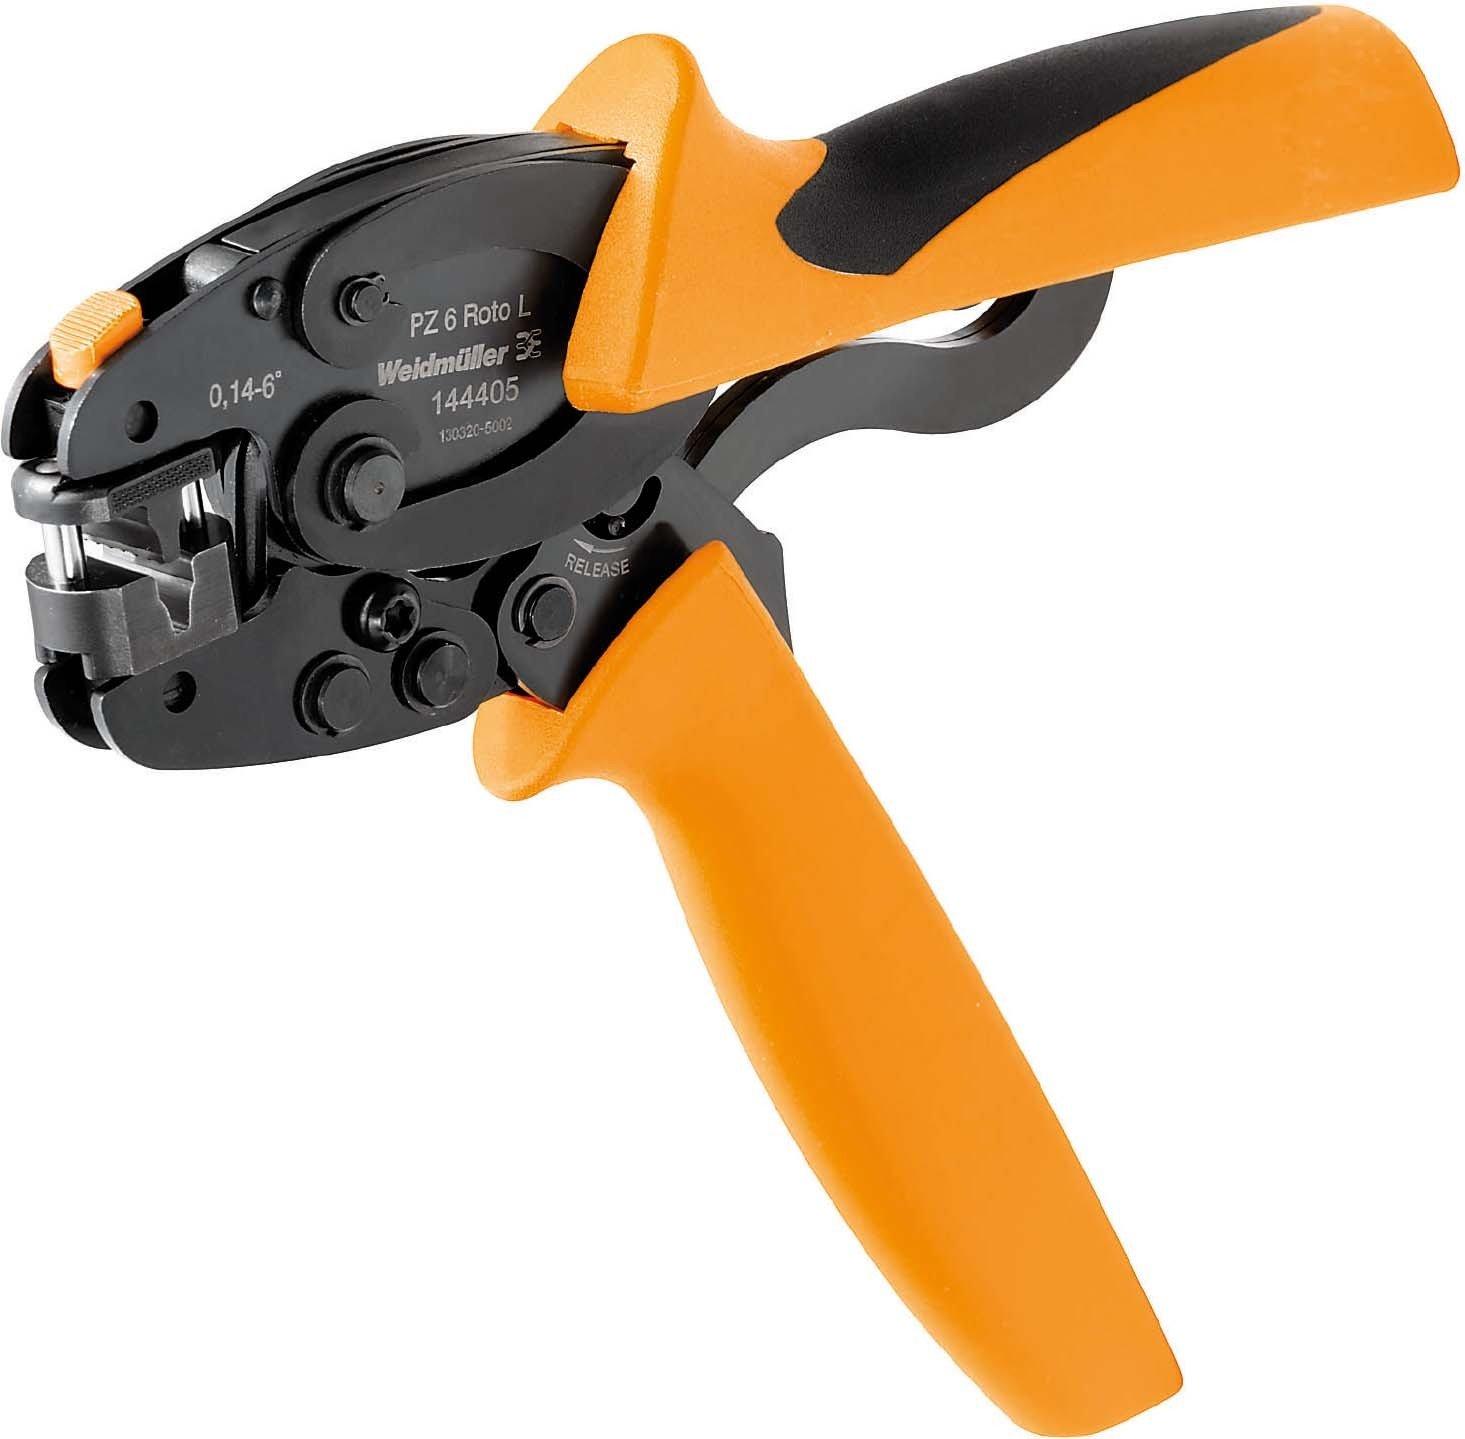 ワイドミュラー 圧着工具 PZ 6 Roto L 1444050000